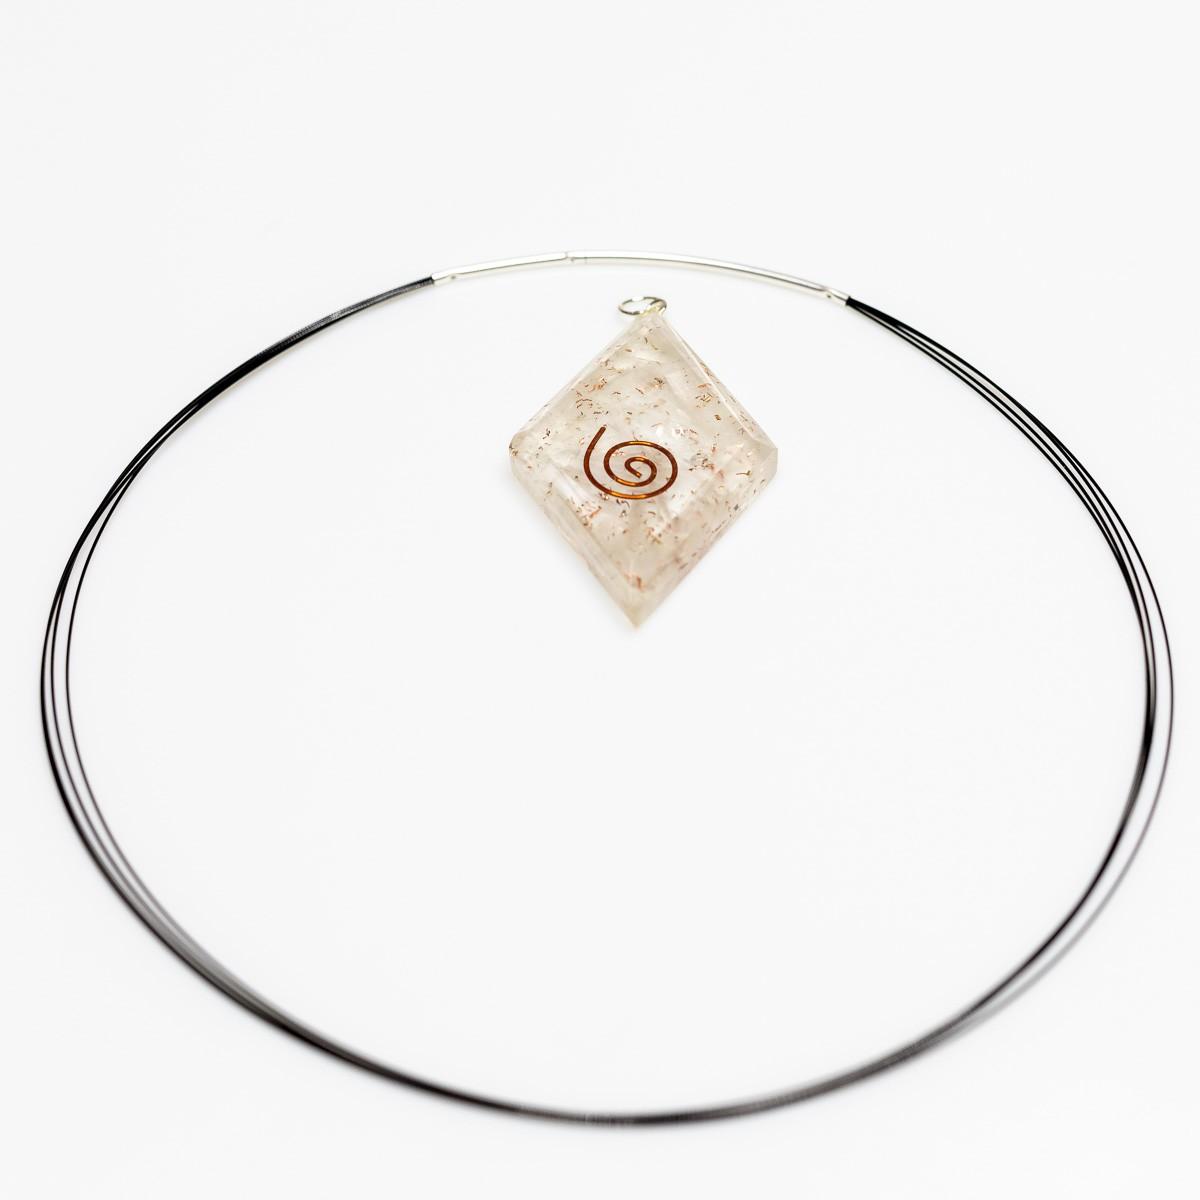 Orgonit Anhänger Selenit, diamantförmig